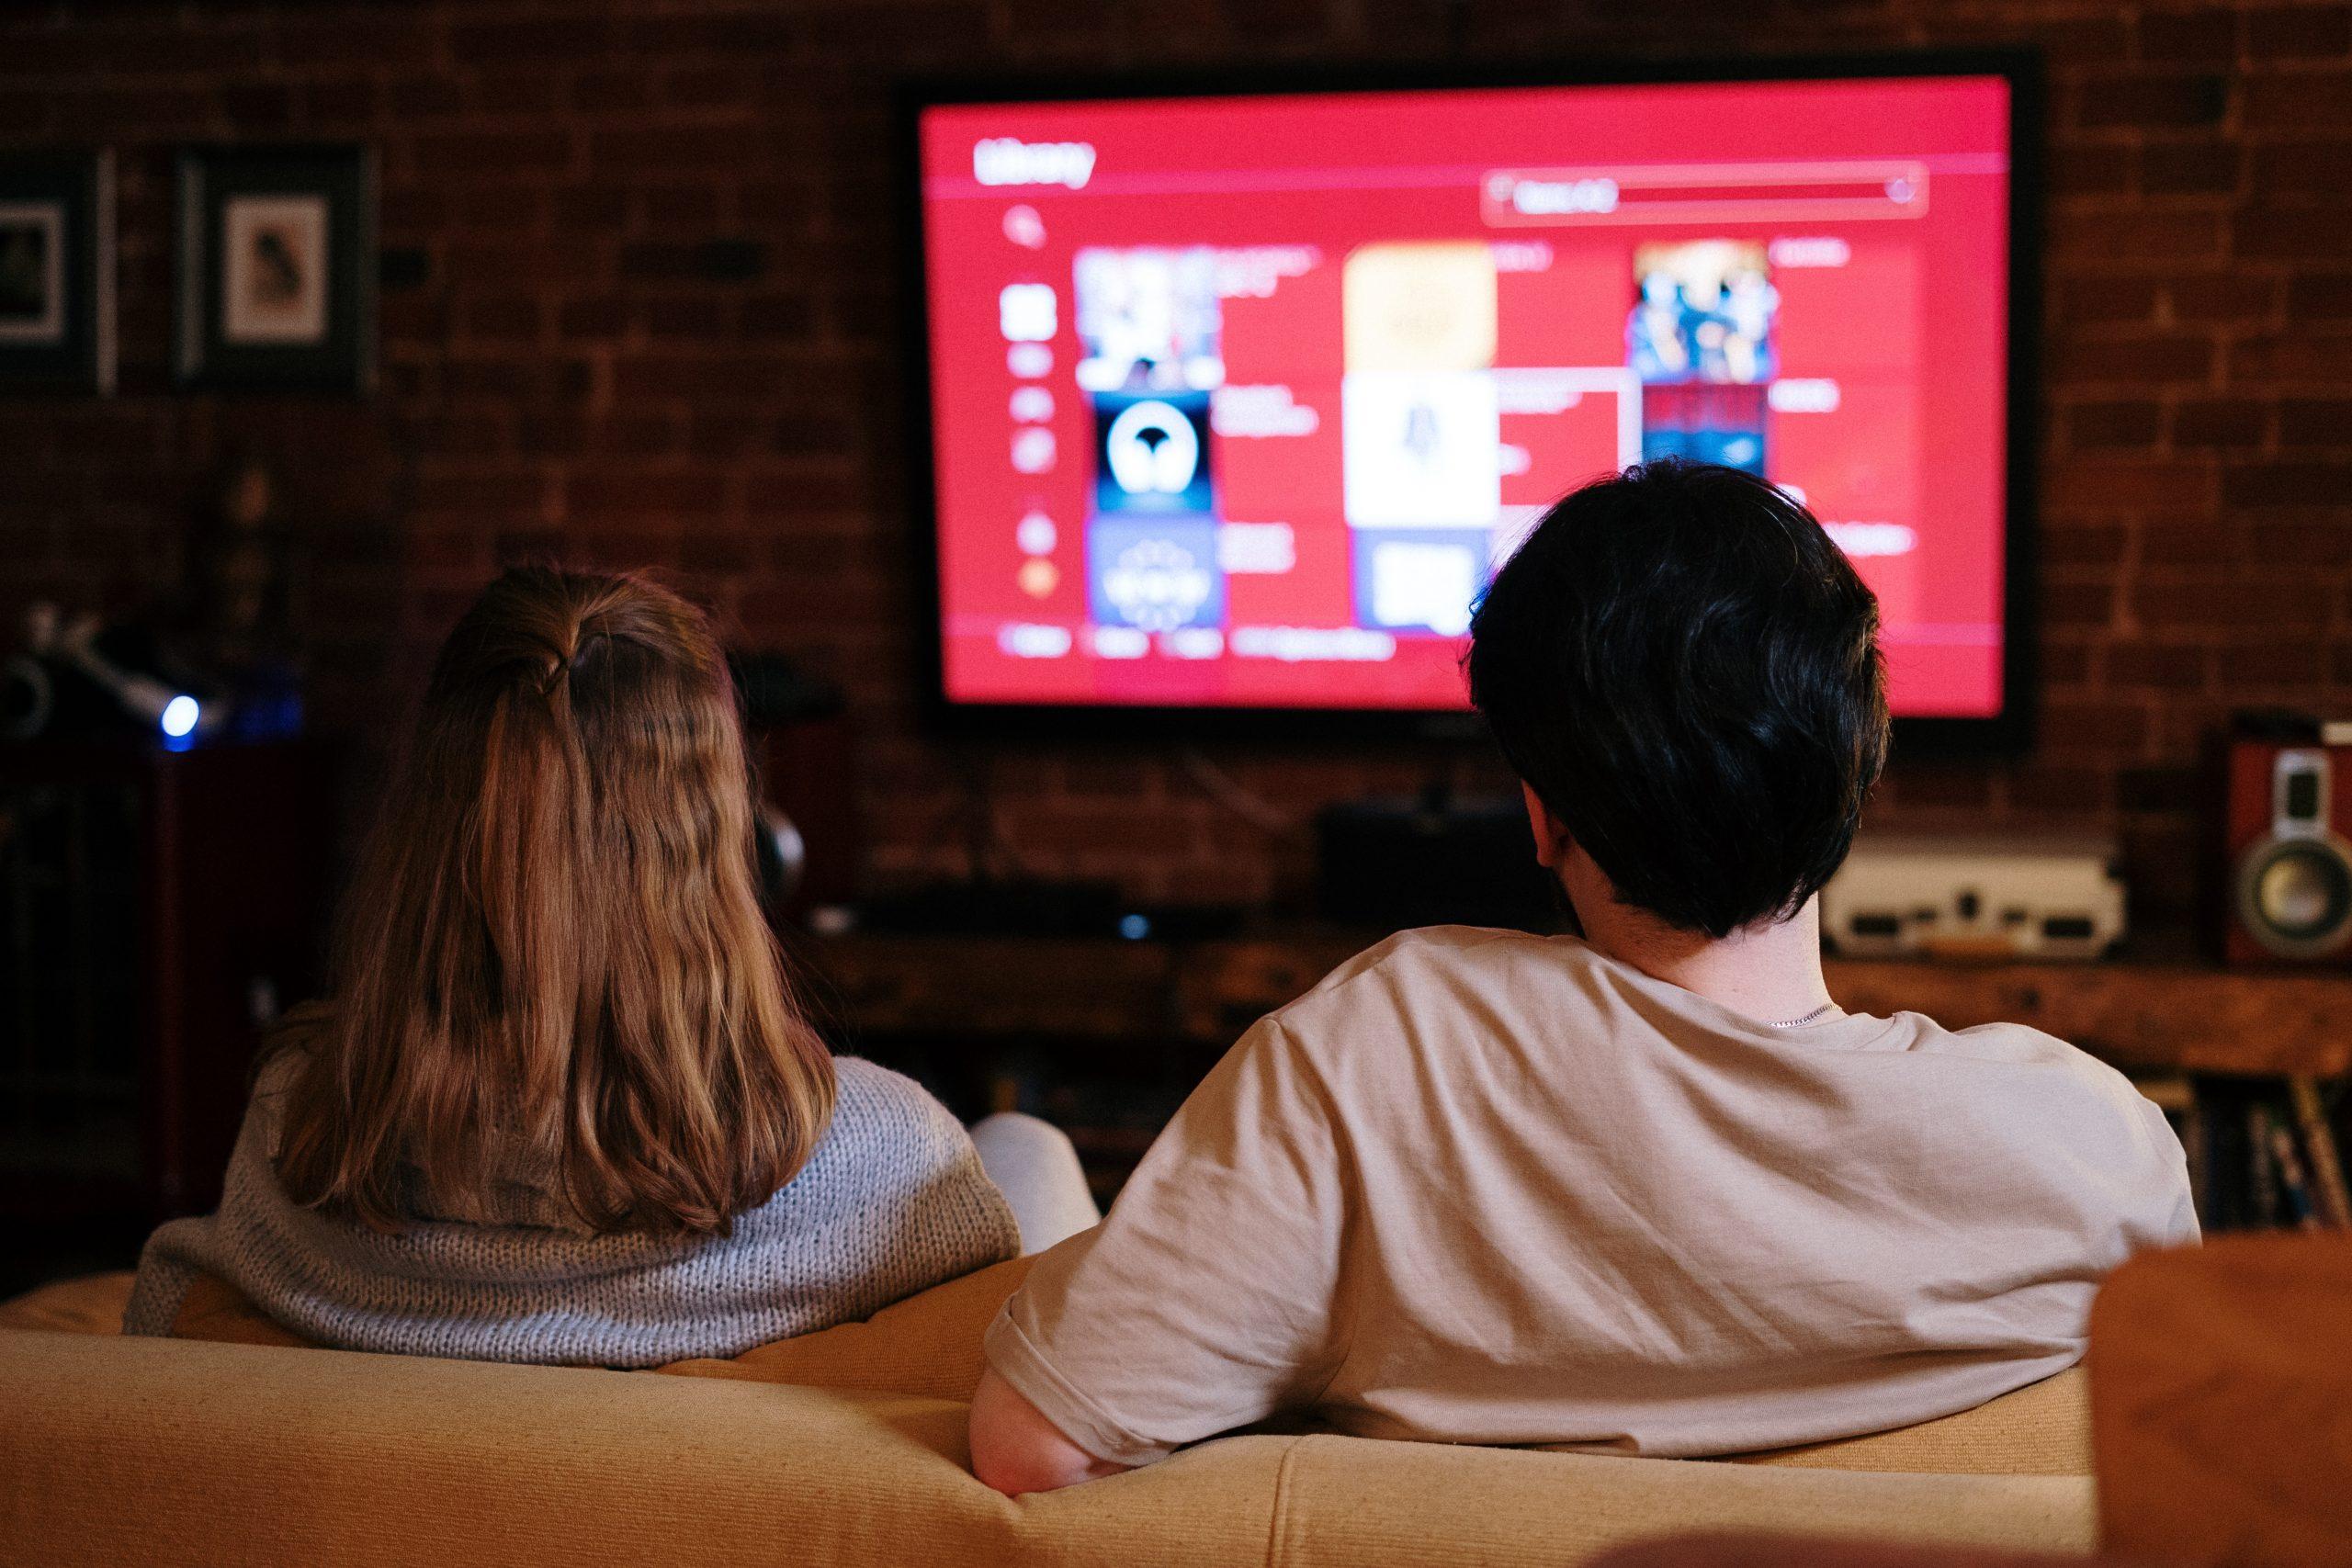 una pareja mirando televisión en la sala